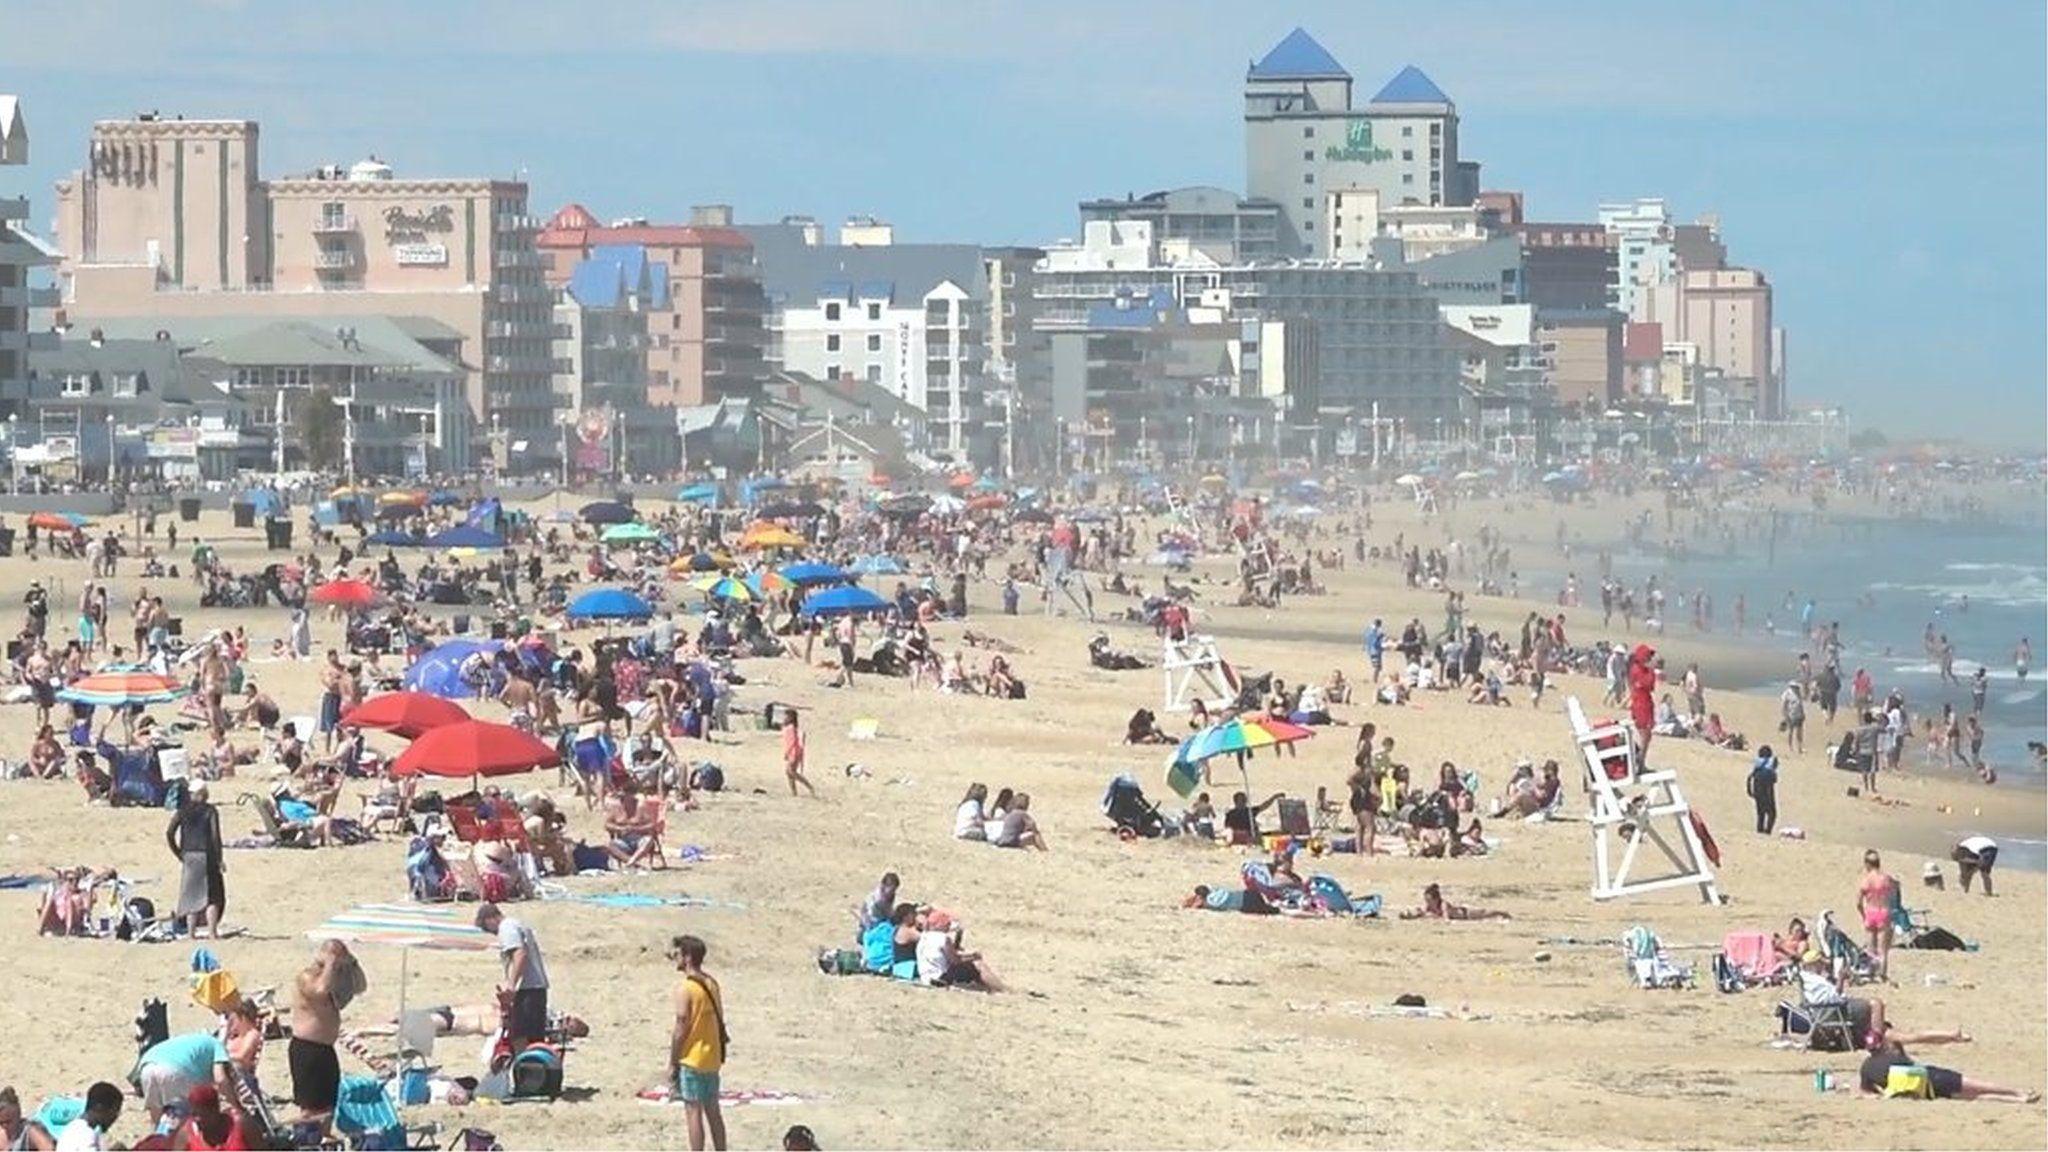 「誰もマスクをつけてない」 米各地のビーチ、3連休に大混雑